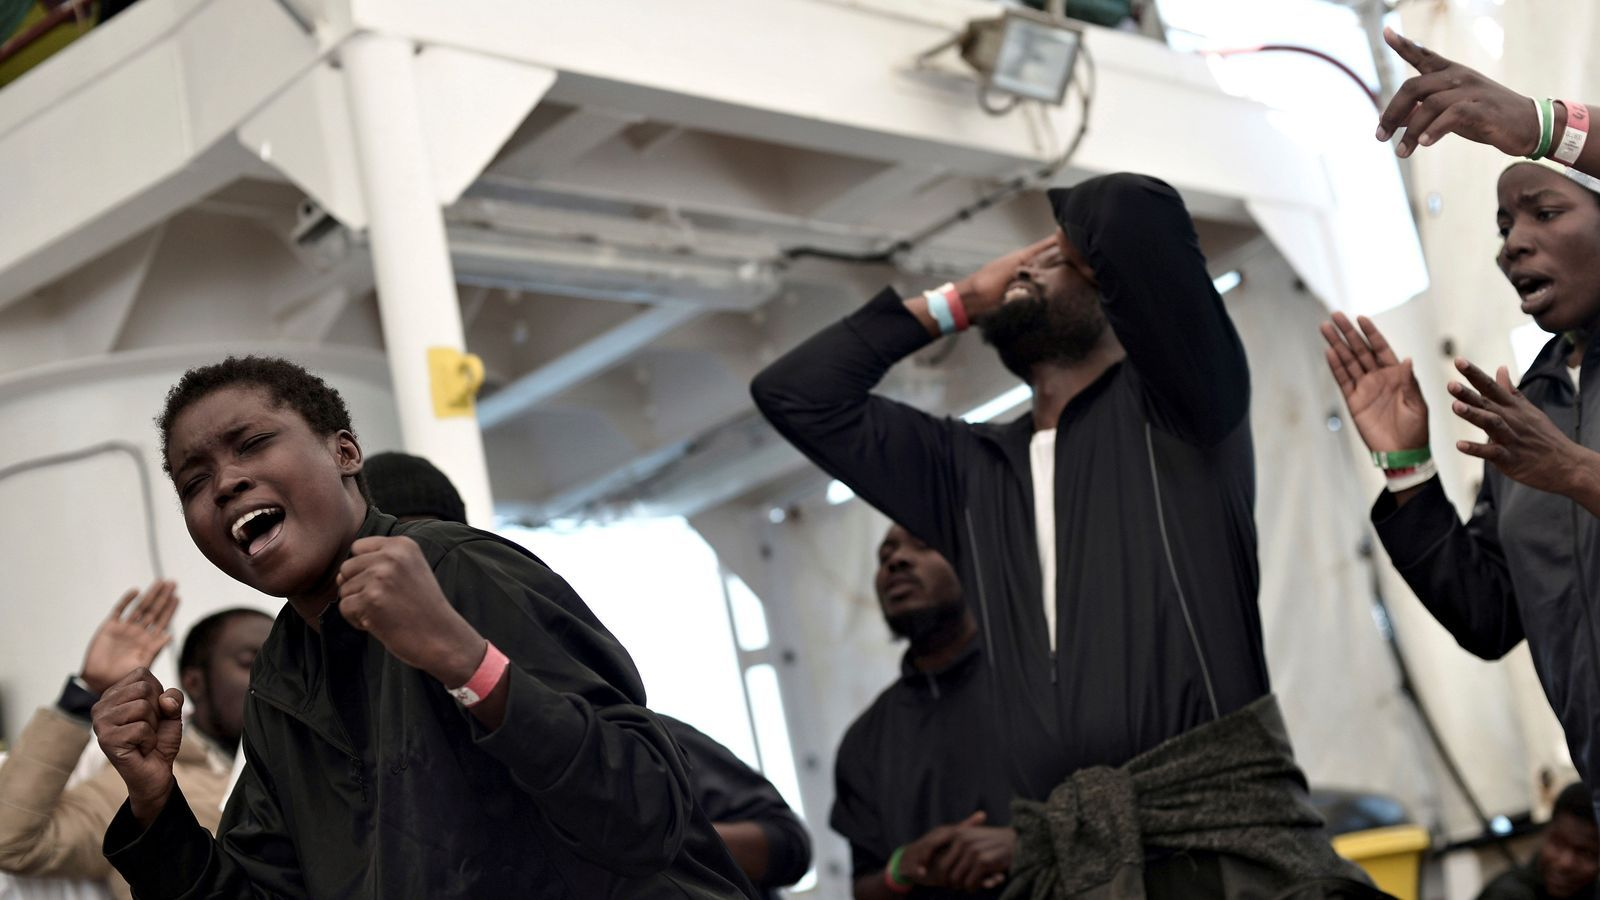 Acaba l'odissea de l''Aquarius' amb la incògnita del futur dels migrants